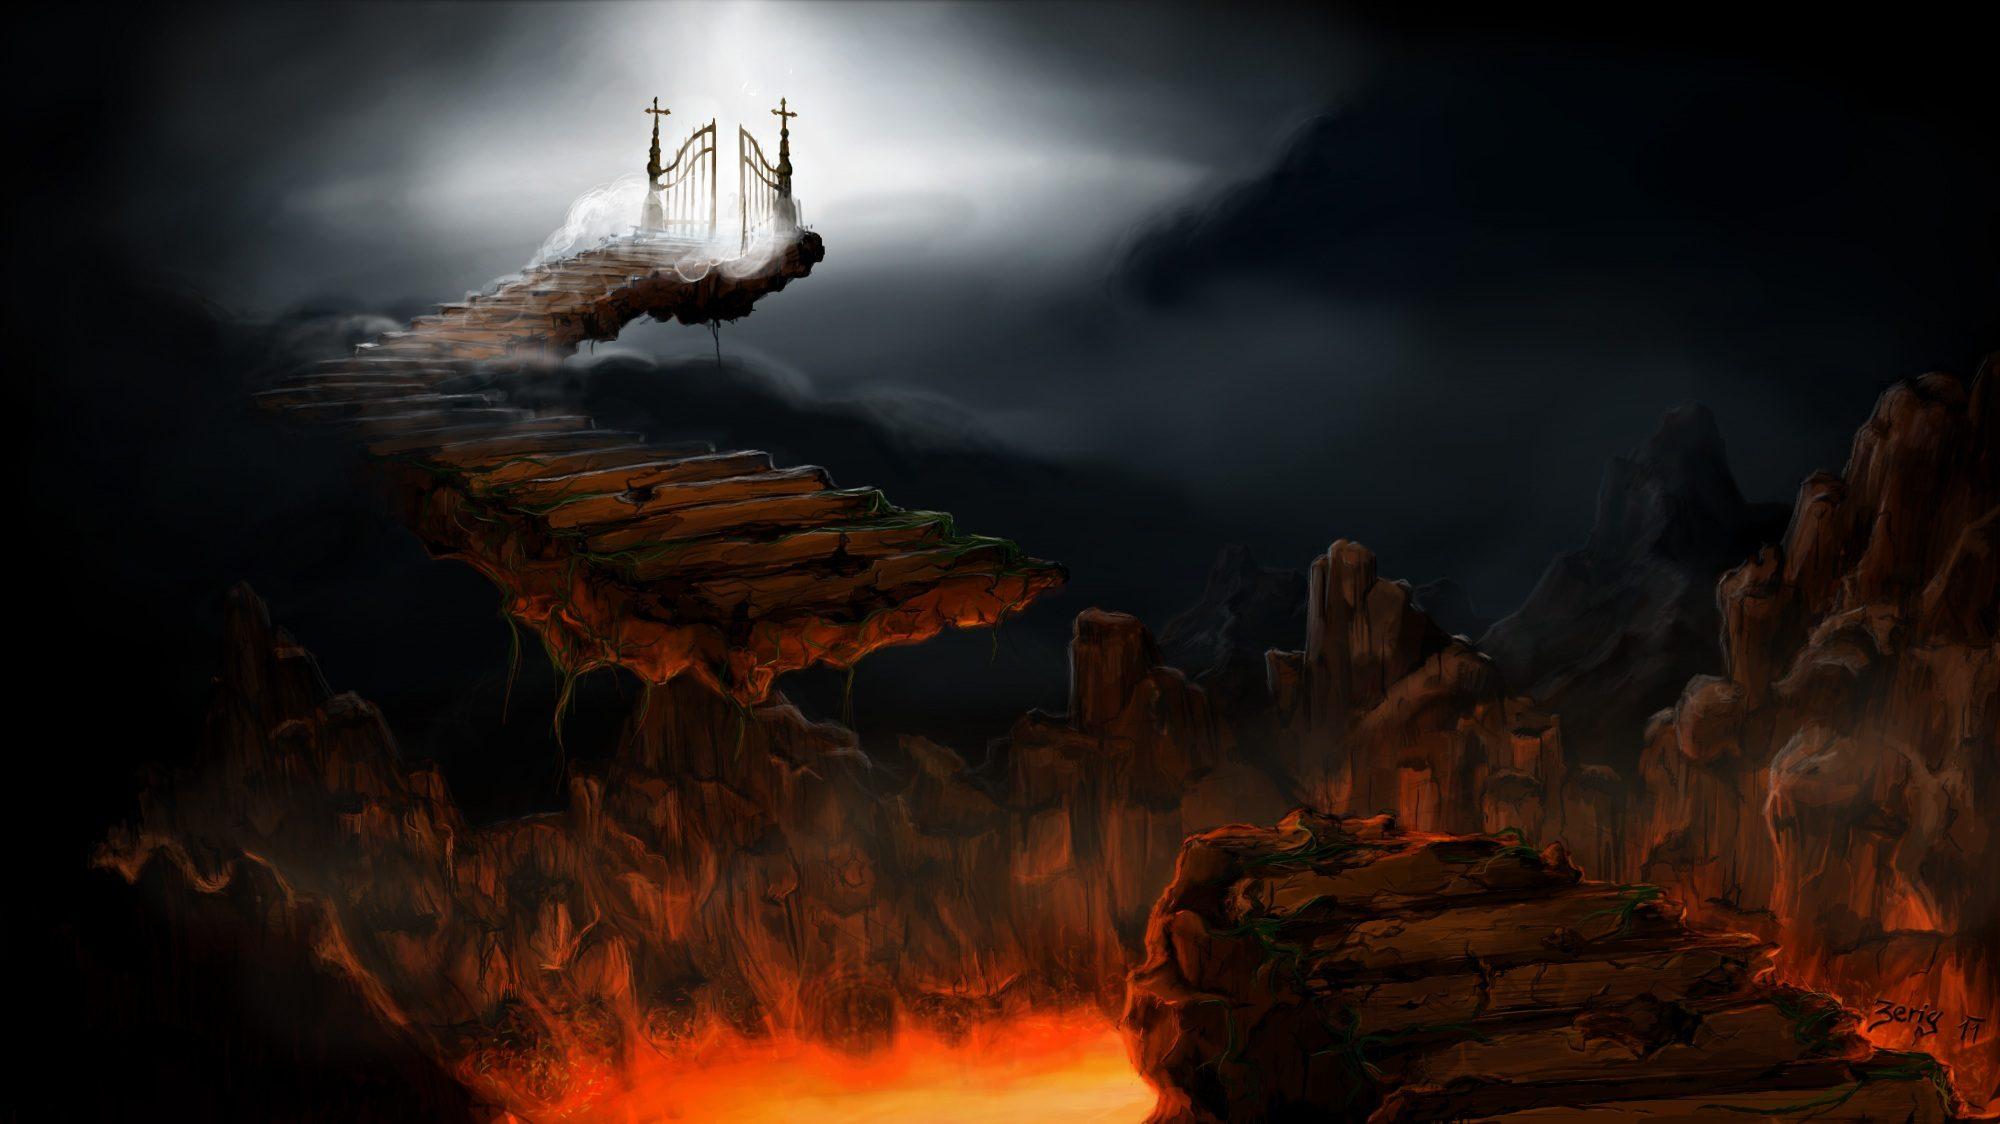 escaleras, cielo, infierno, puertas, camino - Fondos de Pantalla HD - professor-falken.com